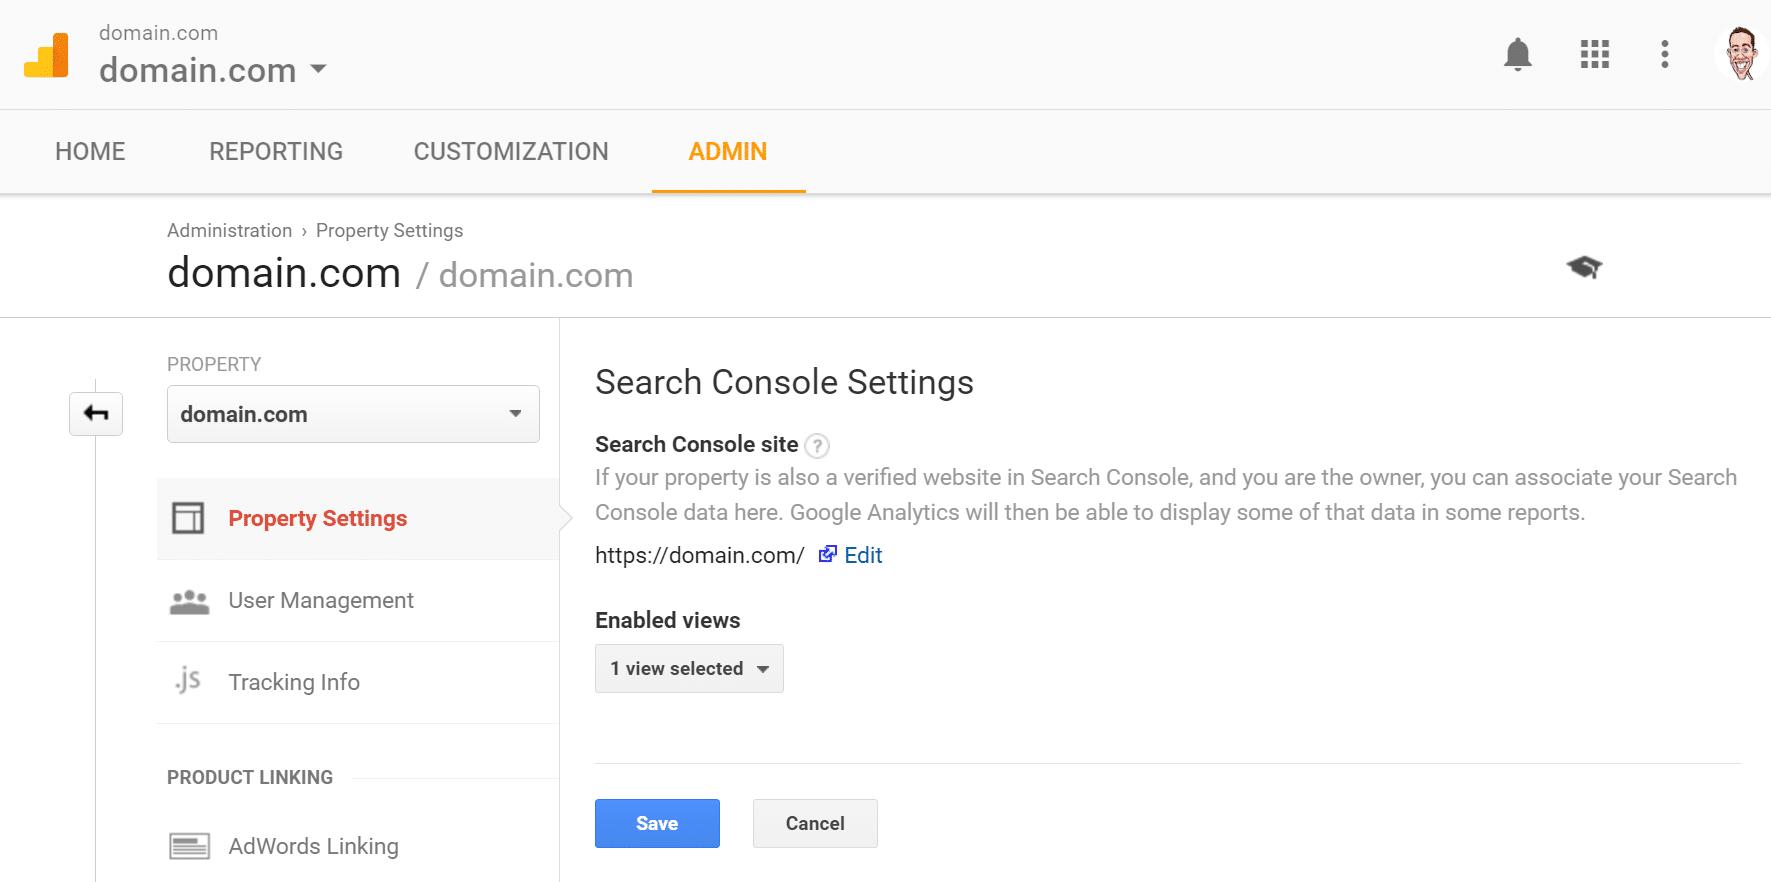 Verknüpfung von Google Analytics und der Google Search Console